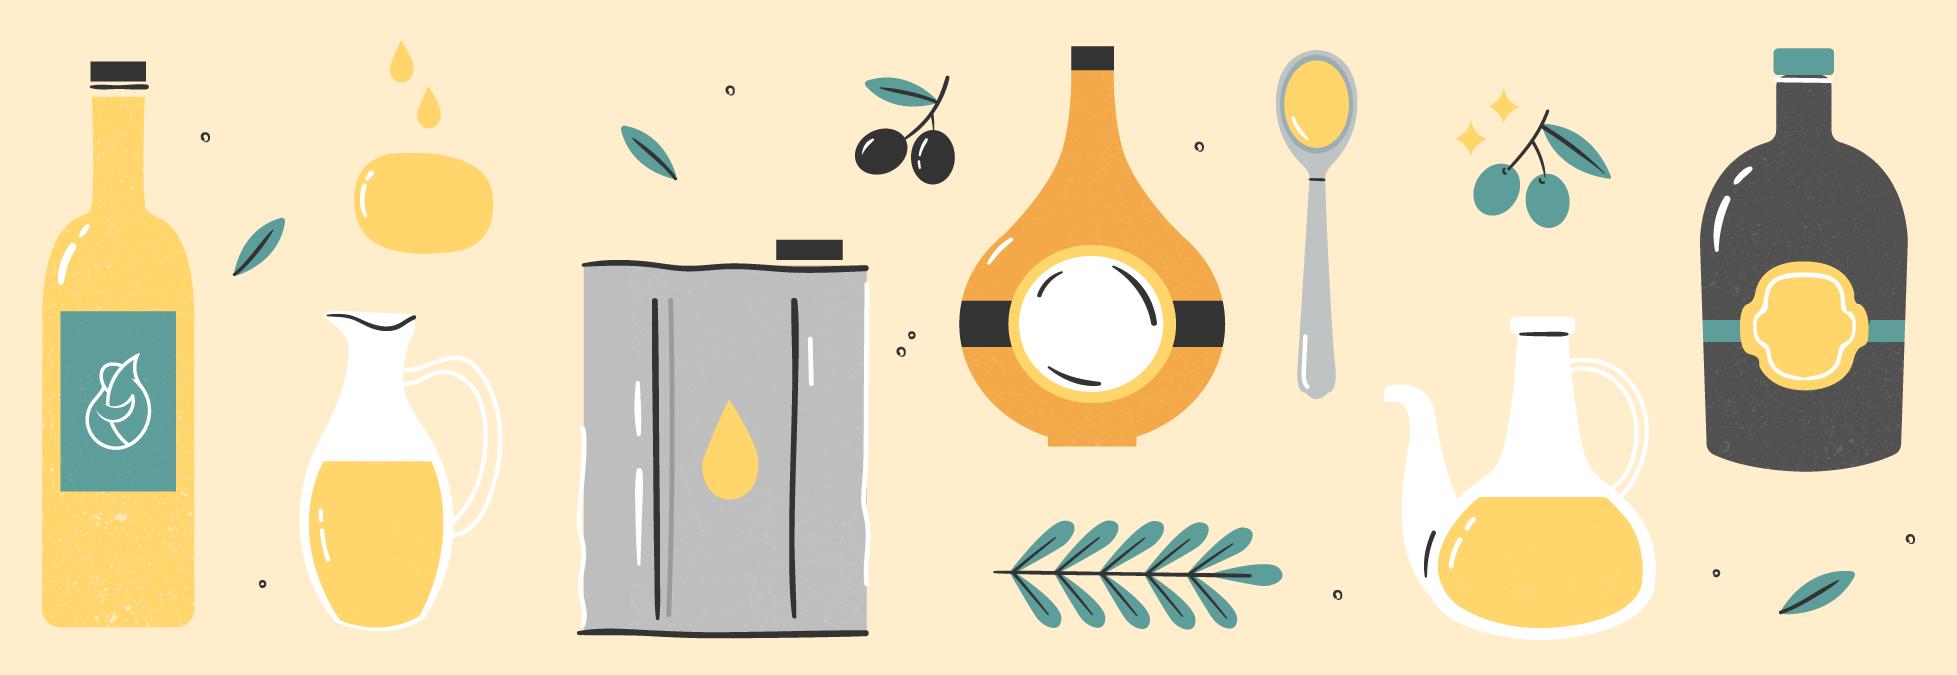 La ilustración de botellas y latas de aceite de oliva virgen extra